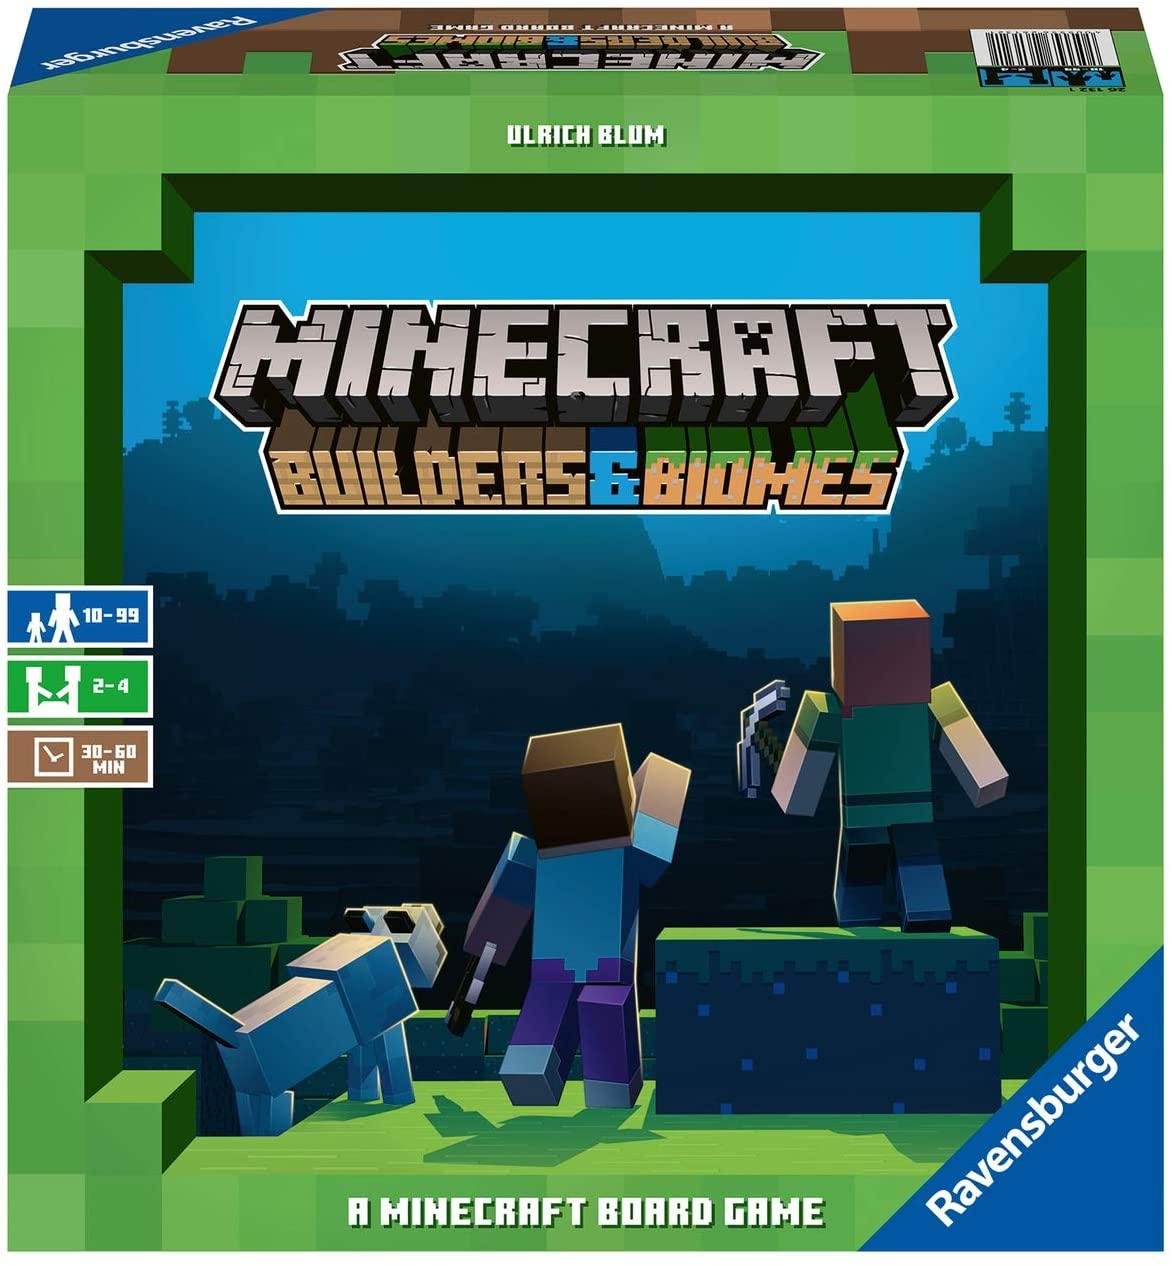 Recce la imagen de los constructores y biomas de Minecraft